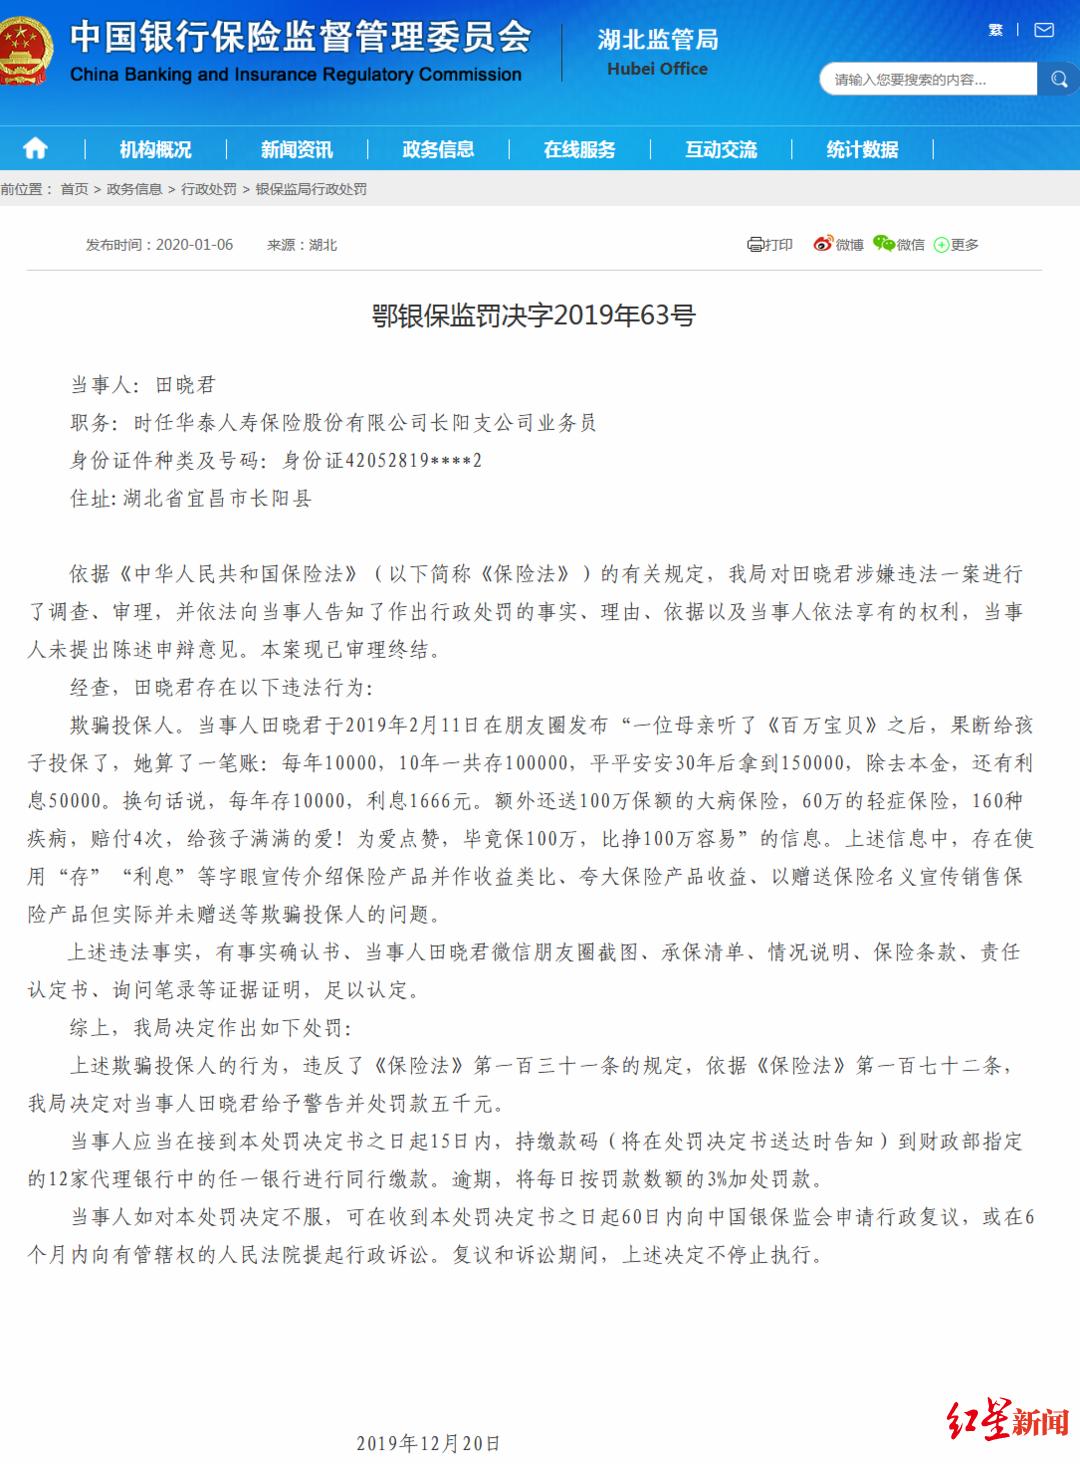 朋友圈發廣告欺騙投保人,華泰人壽保險再收兩張罰單